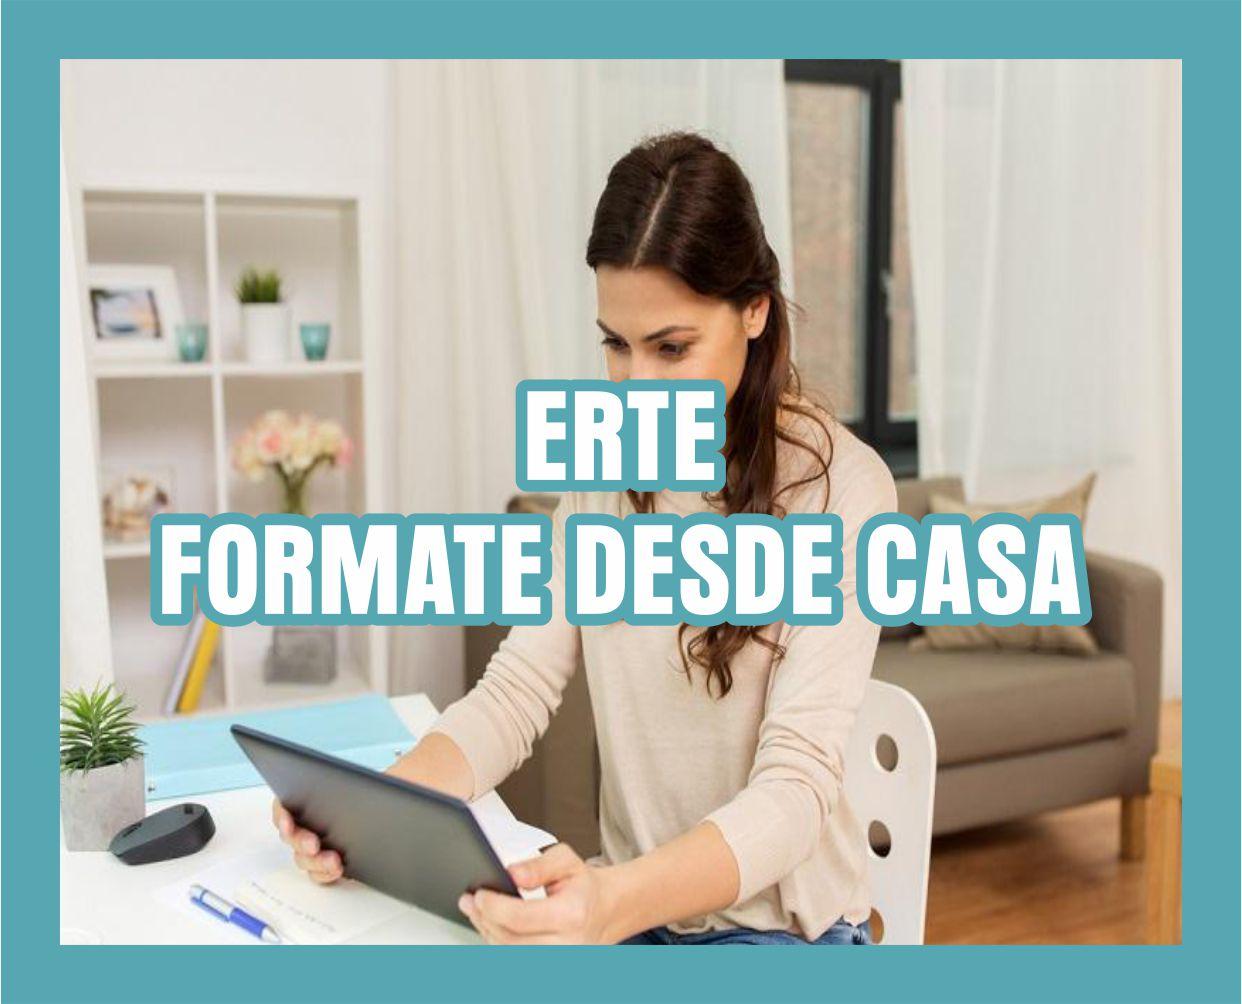 ¿Puede un trabajador en situación de ERTE terminar o iniciar una formación utilizando los créditos de formación programada disponibles por la empresa?